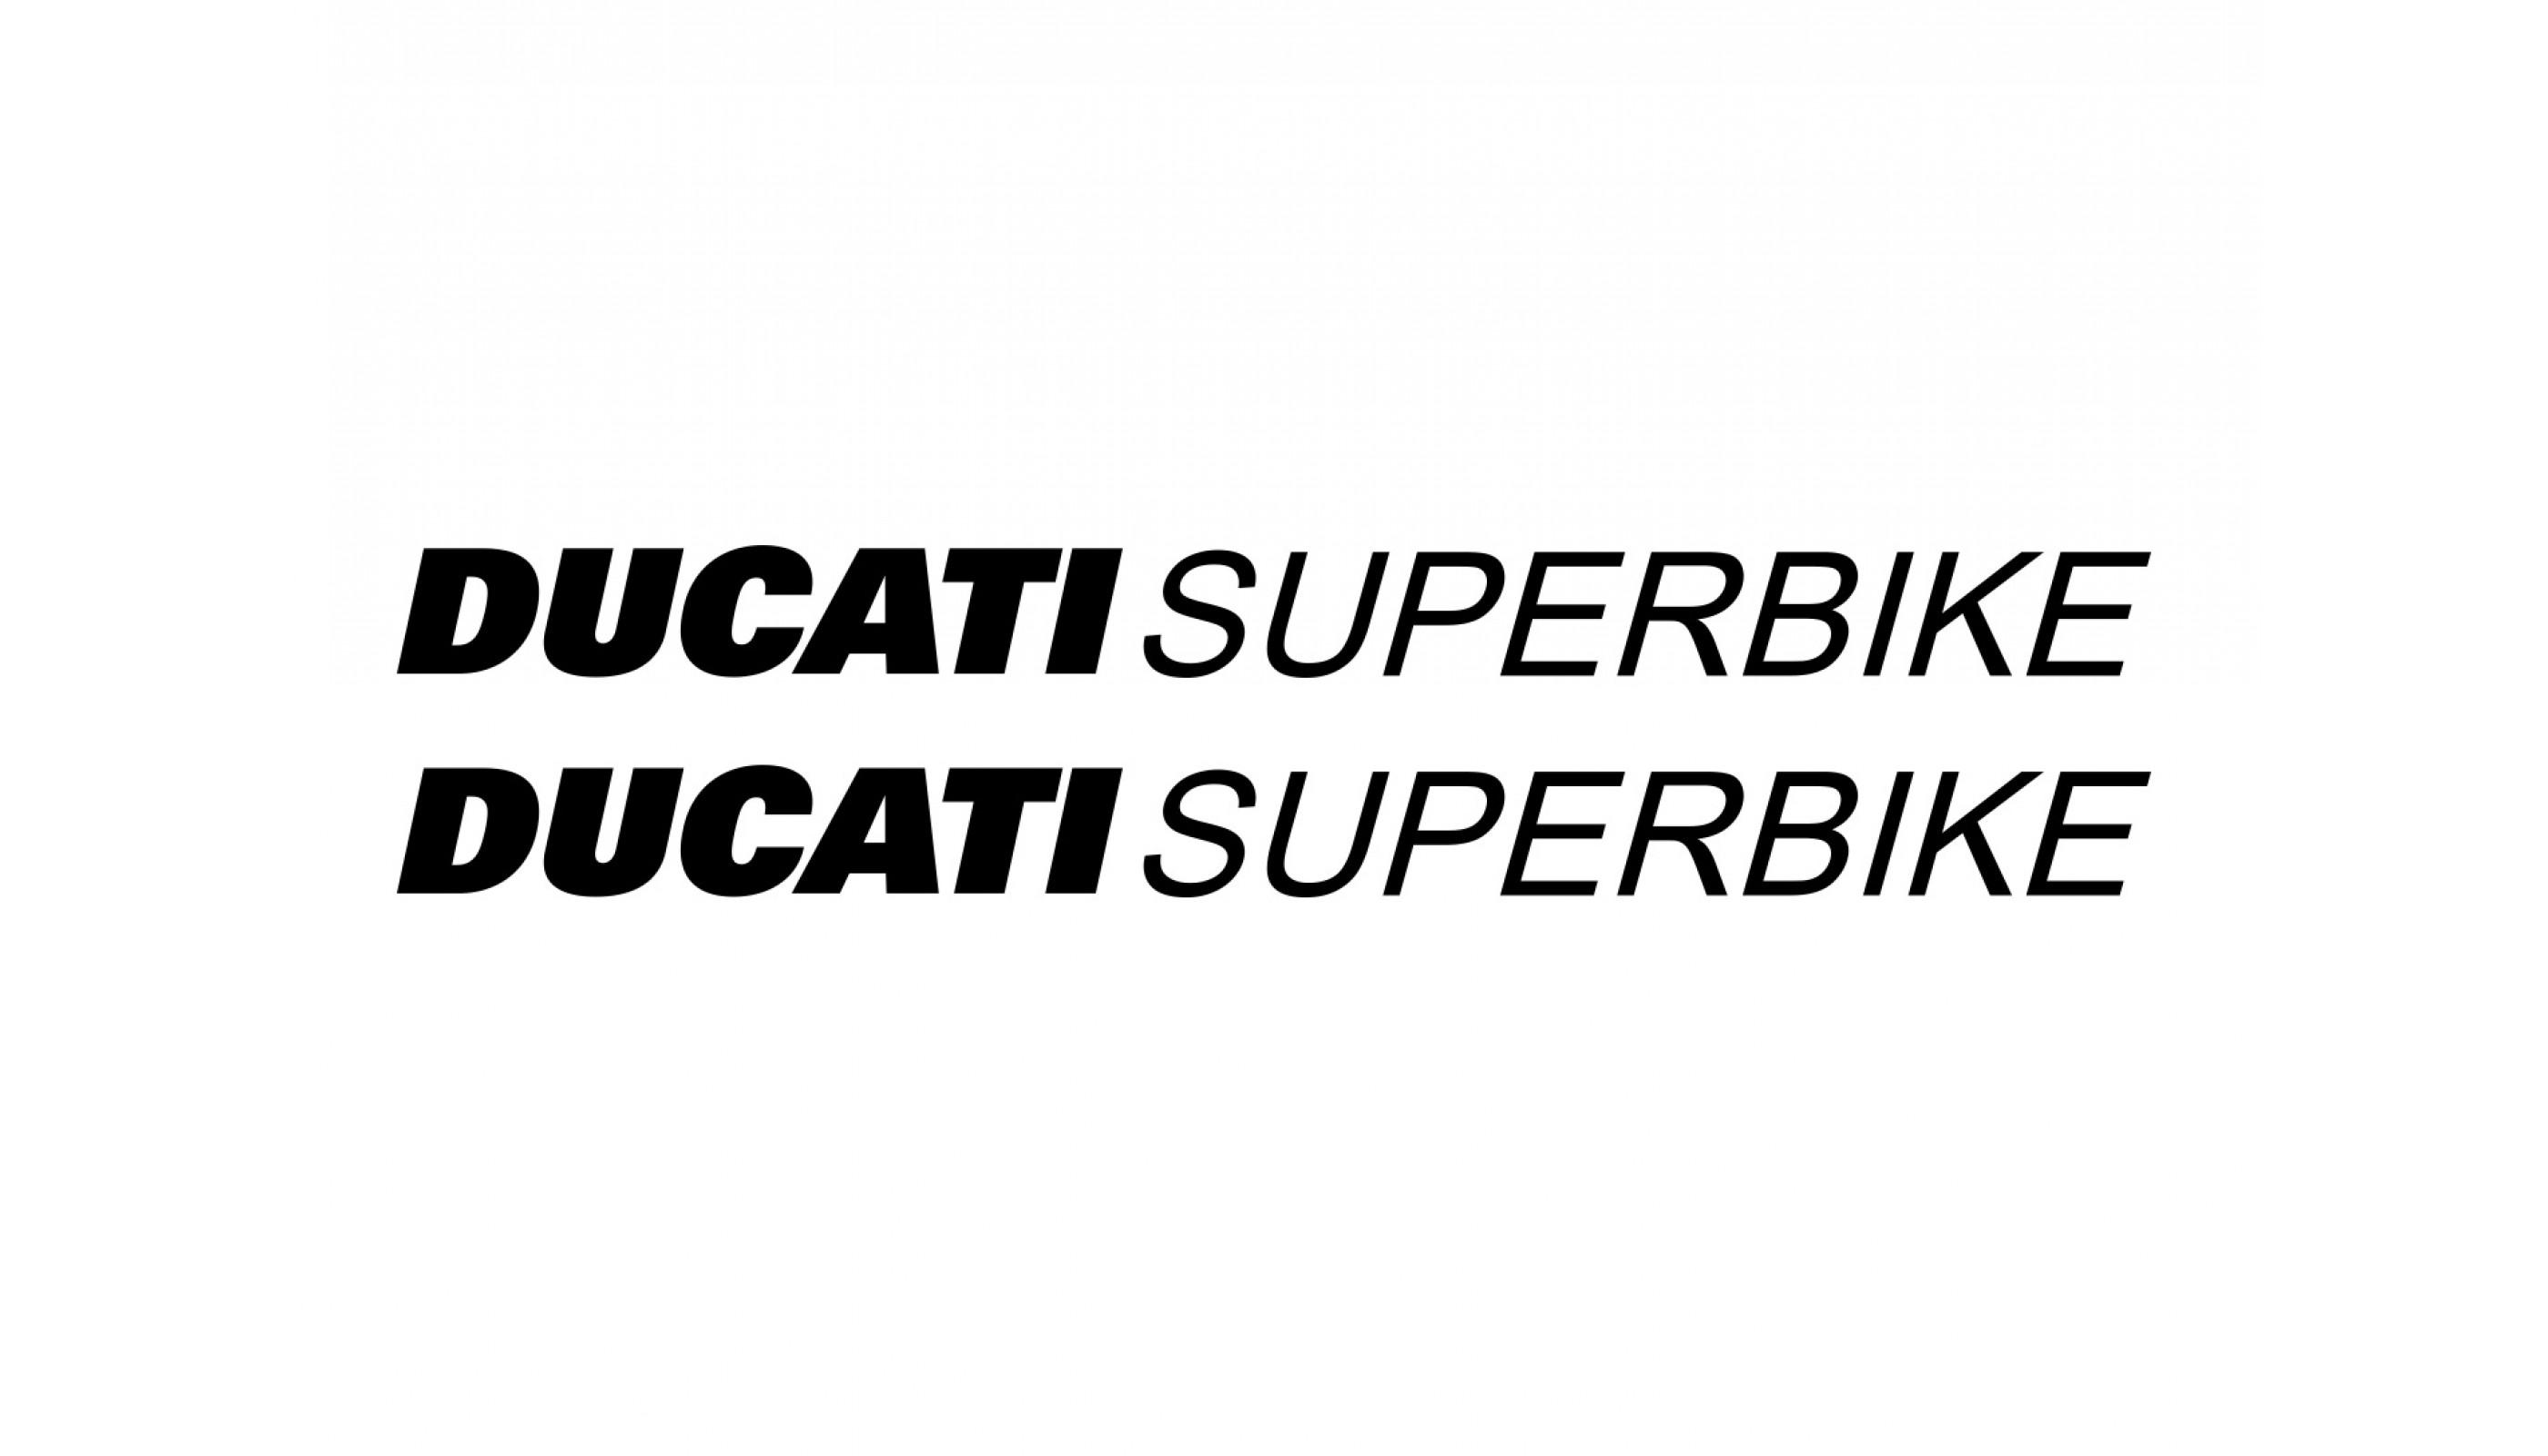 2x Ducati Superbike decals